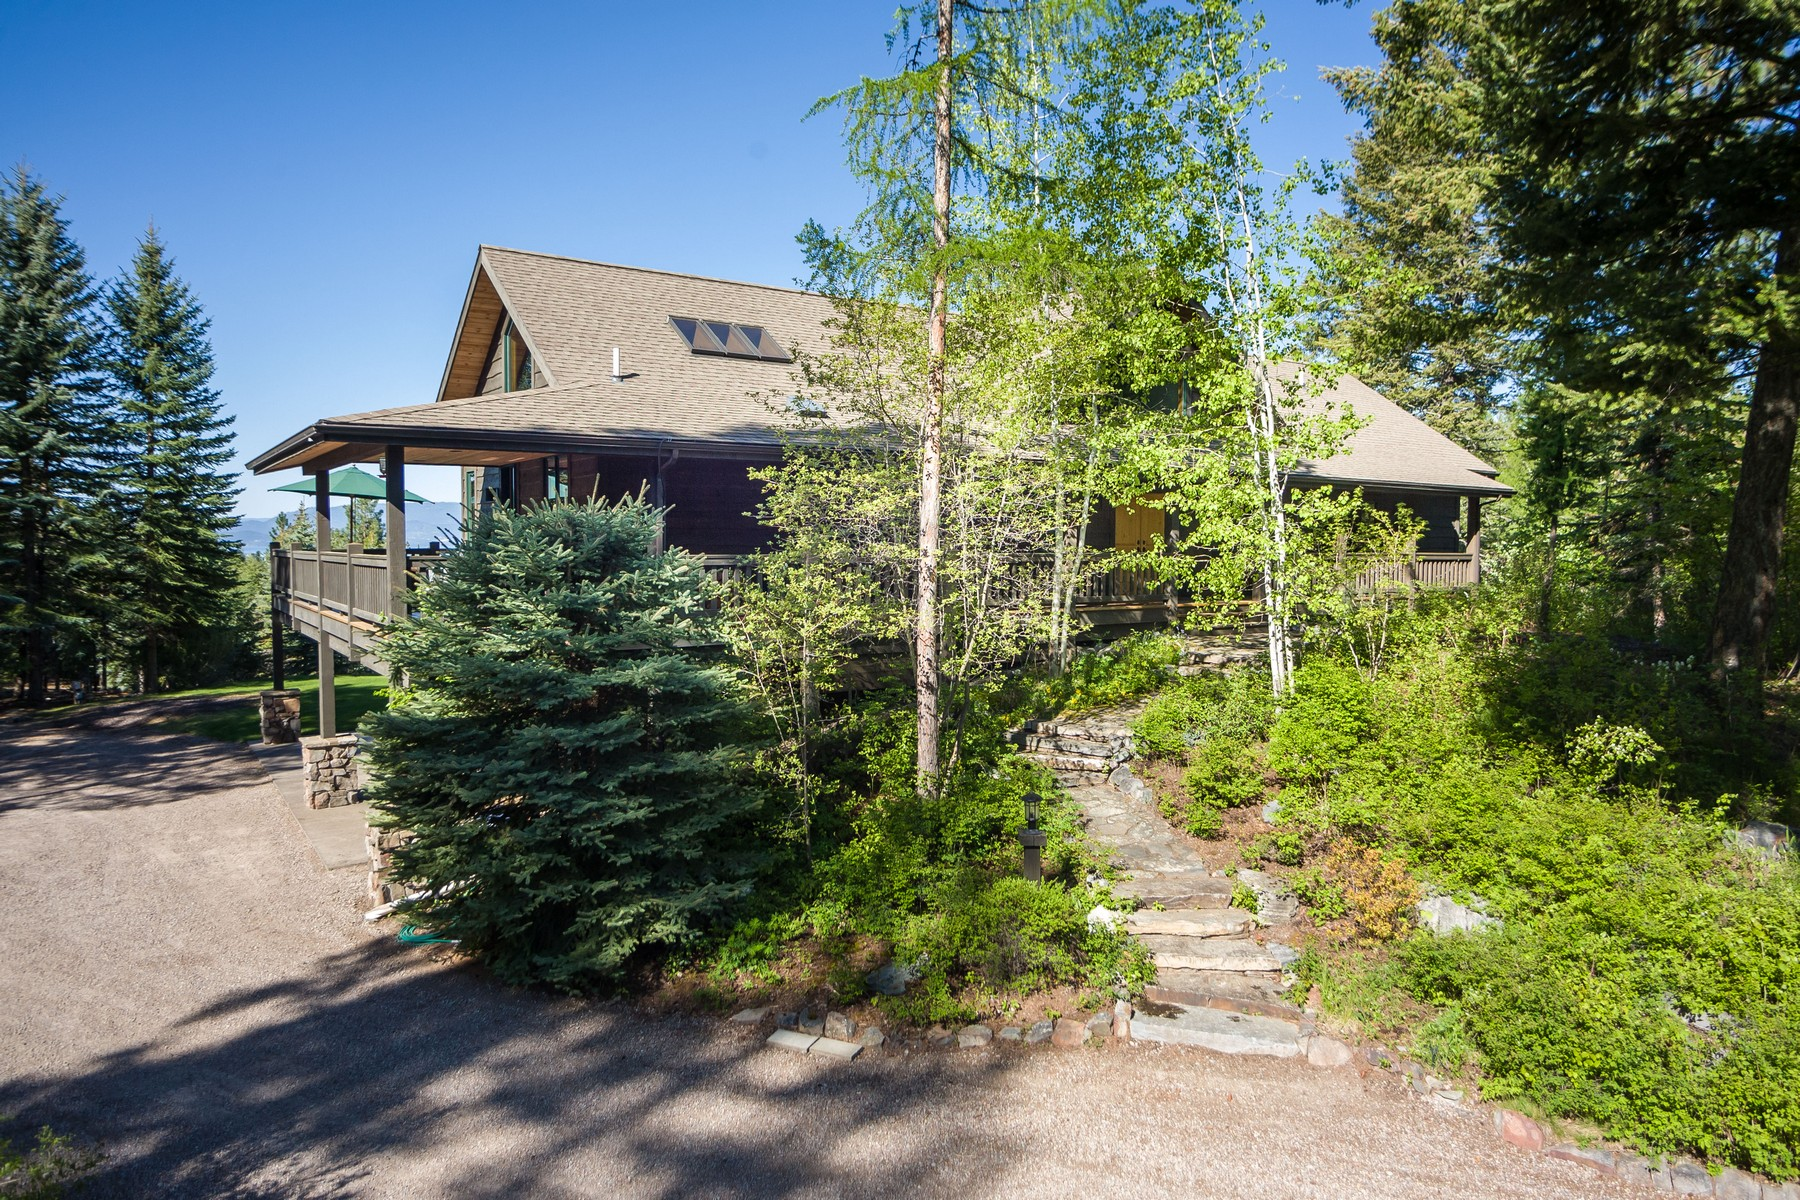 단독 가정 주택 용 매매 에 32009 Birch Tree Drive Bigfork, 몬타나, 59911 미국